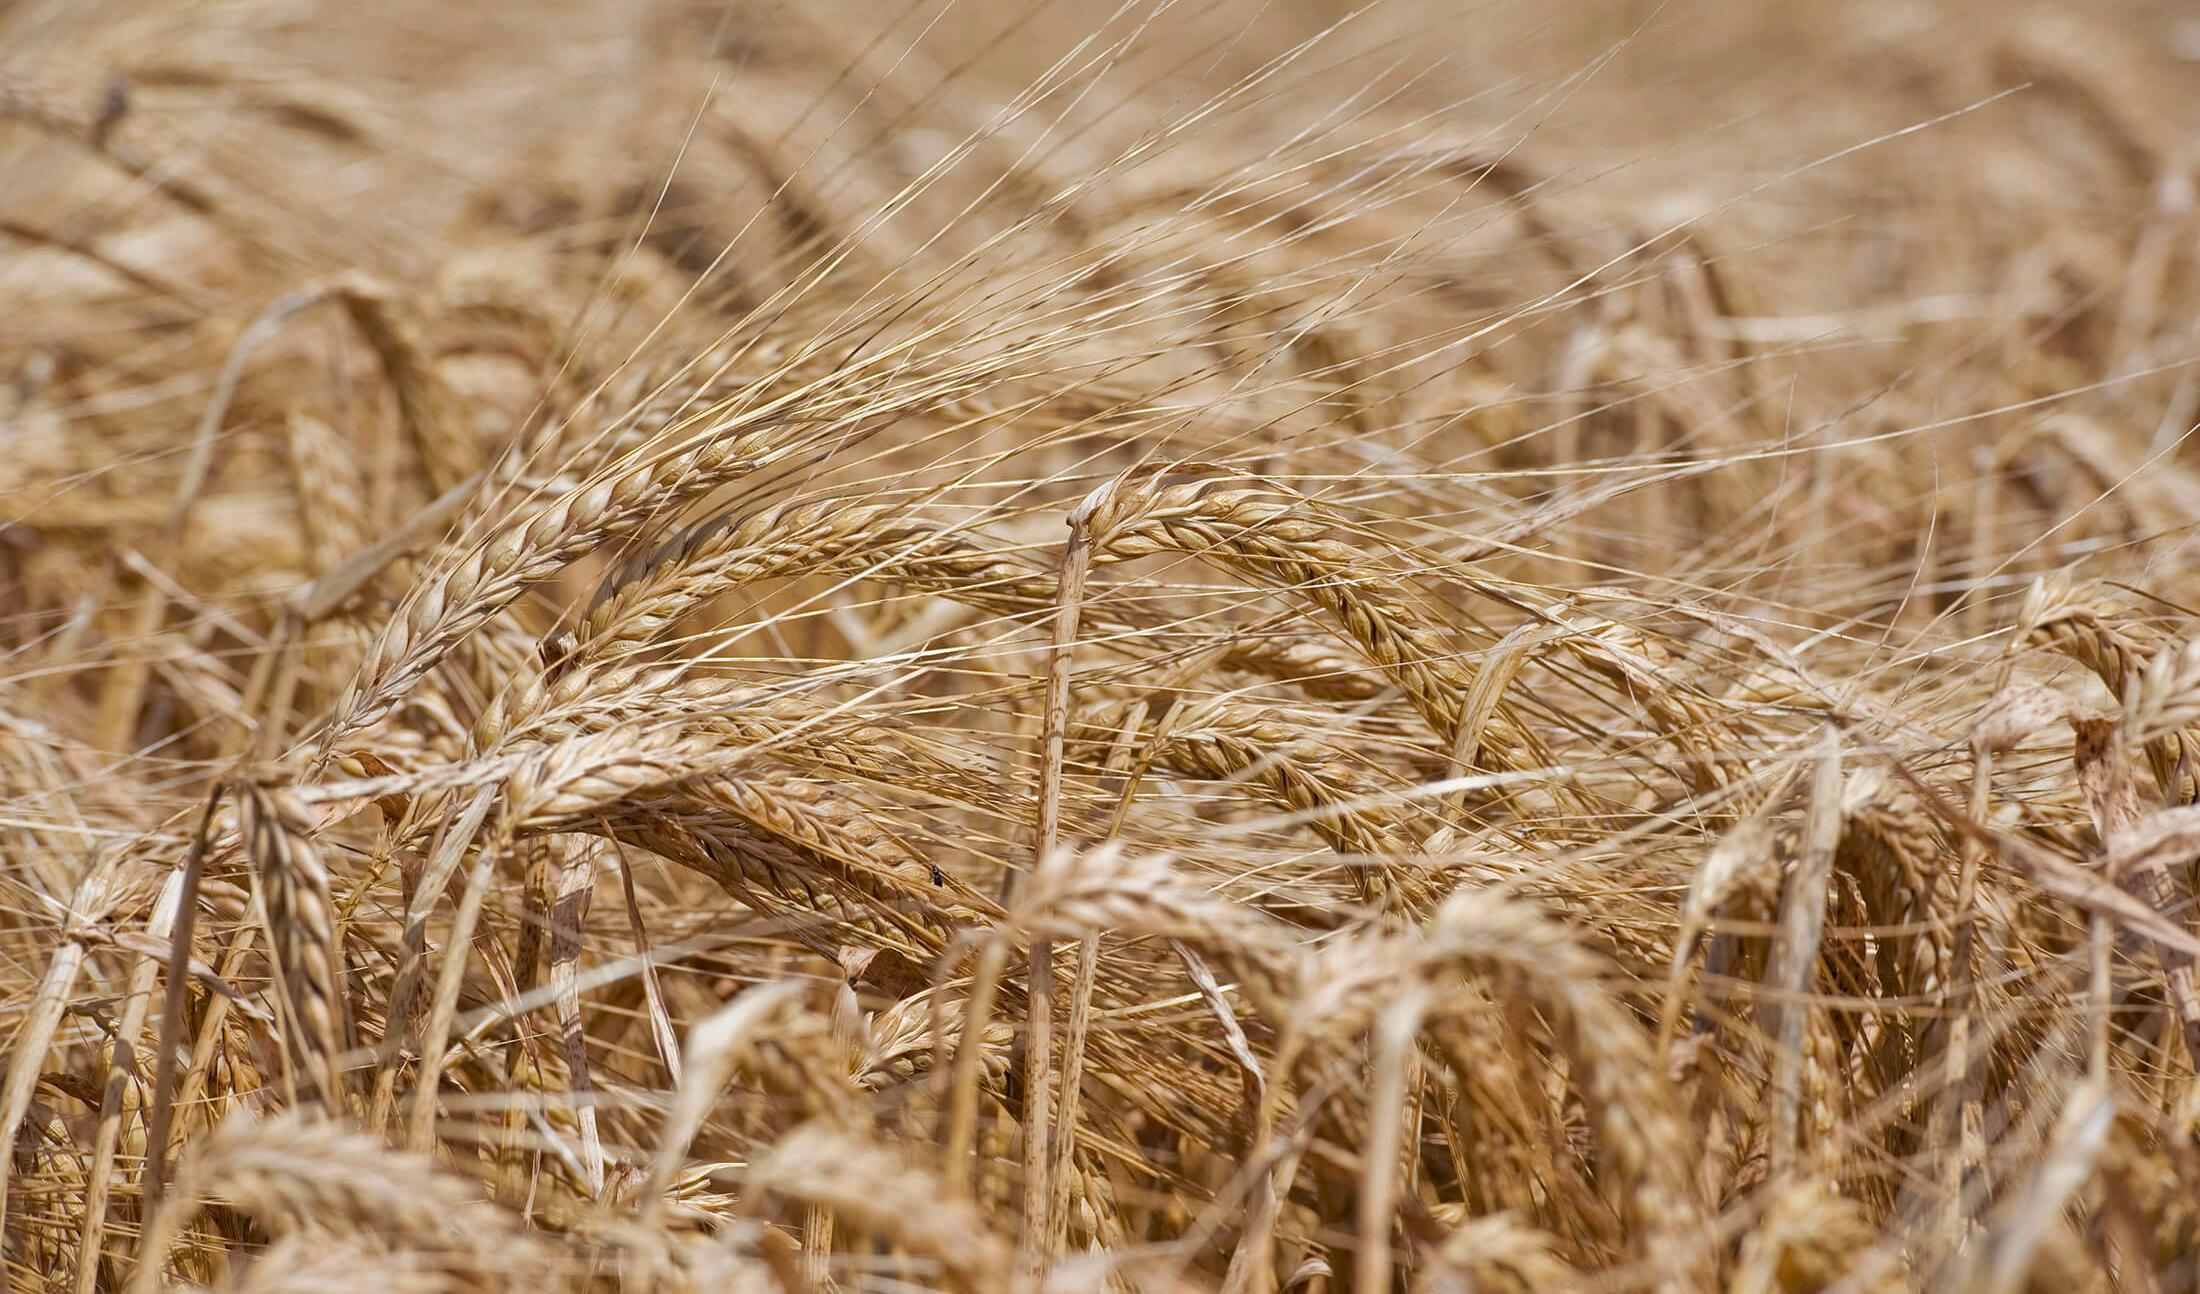 احتمال قاچاق گندم قوت گرفت؛ خودکفایی گندم در معرض خطر است!